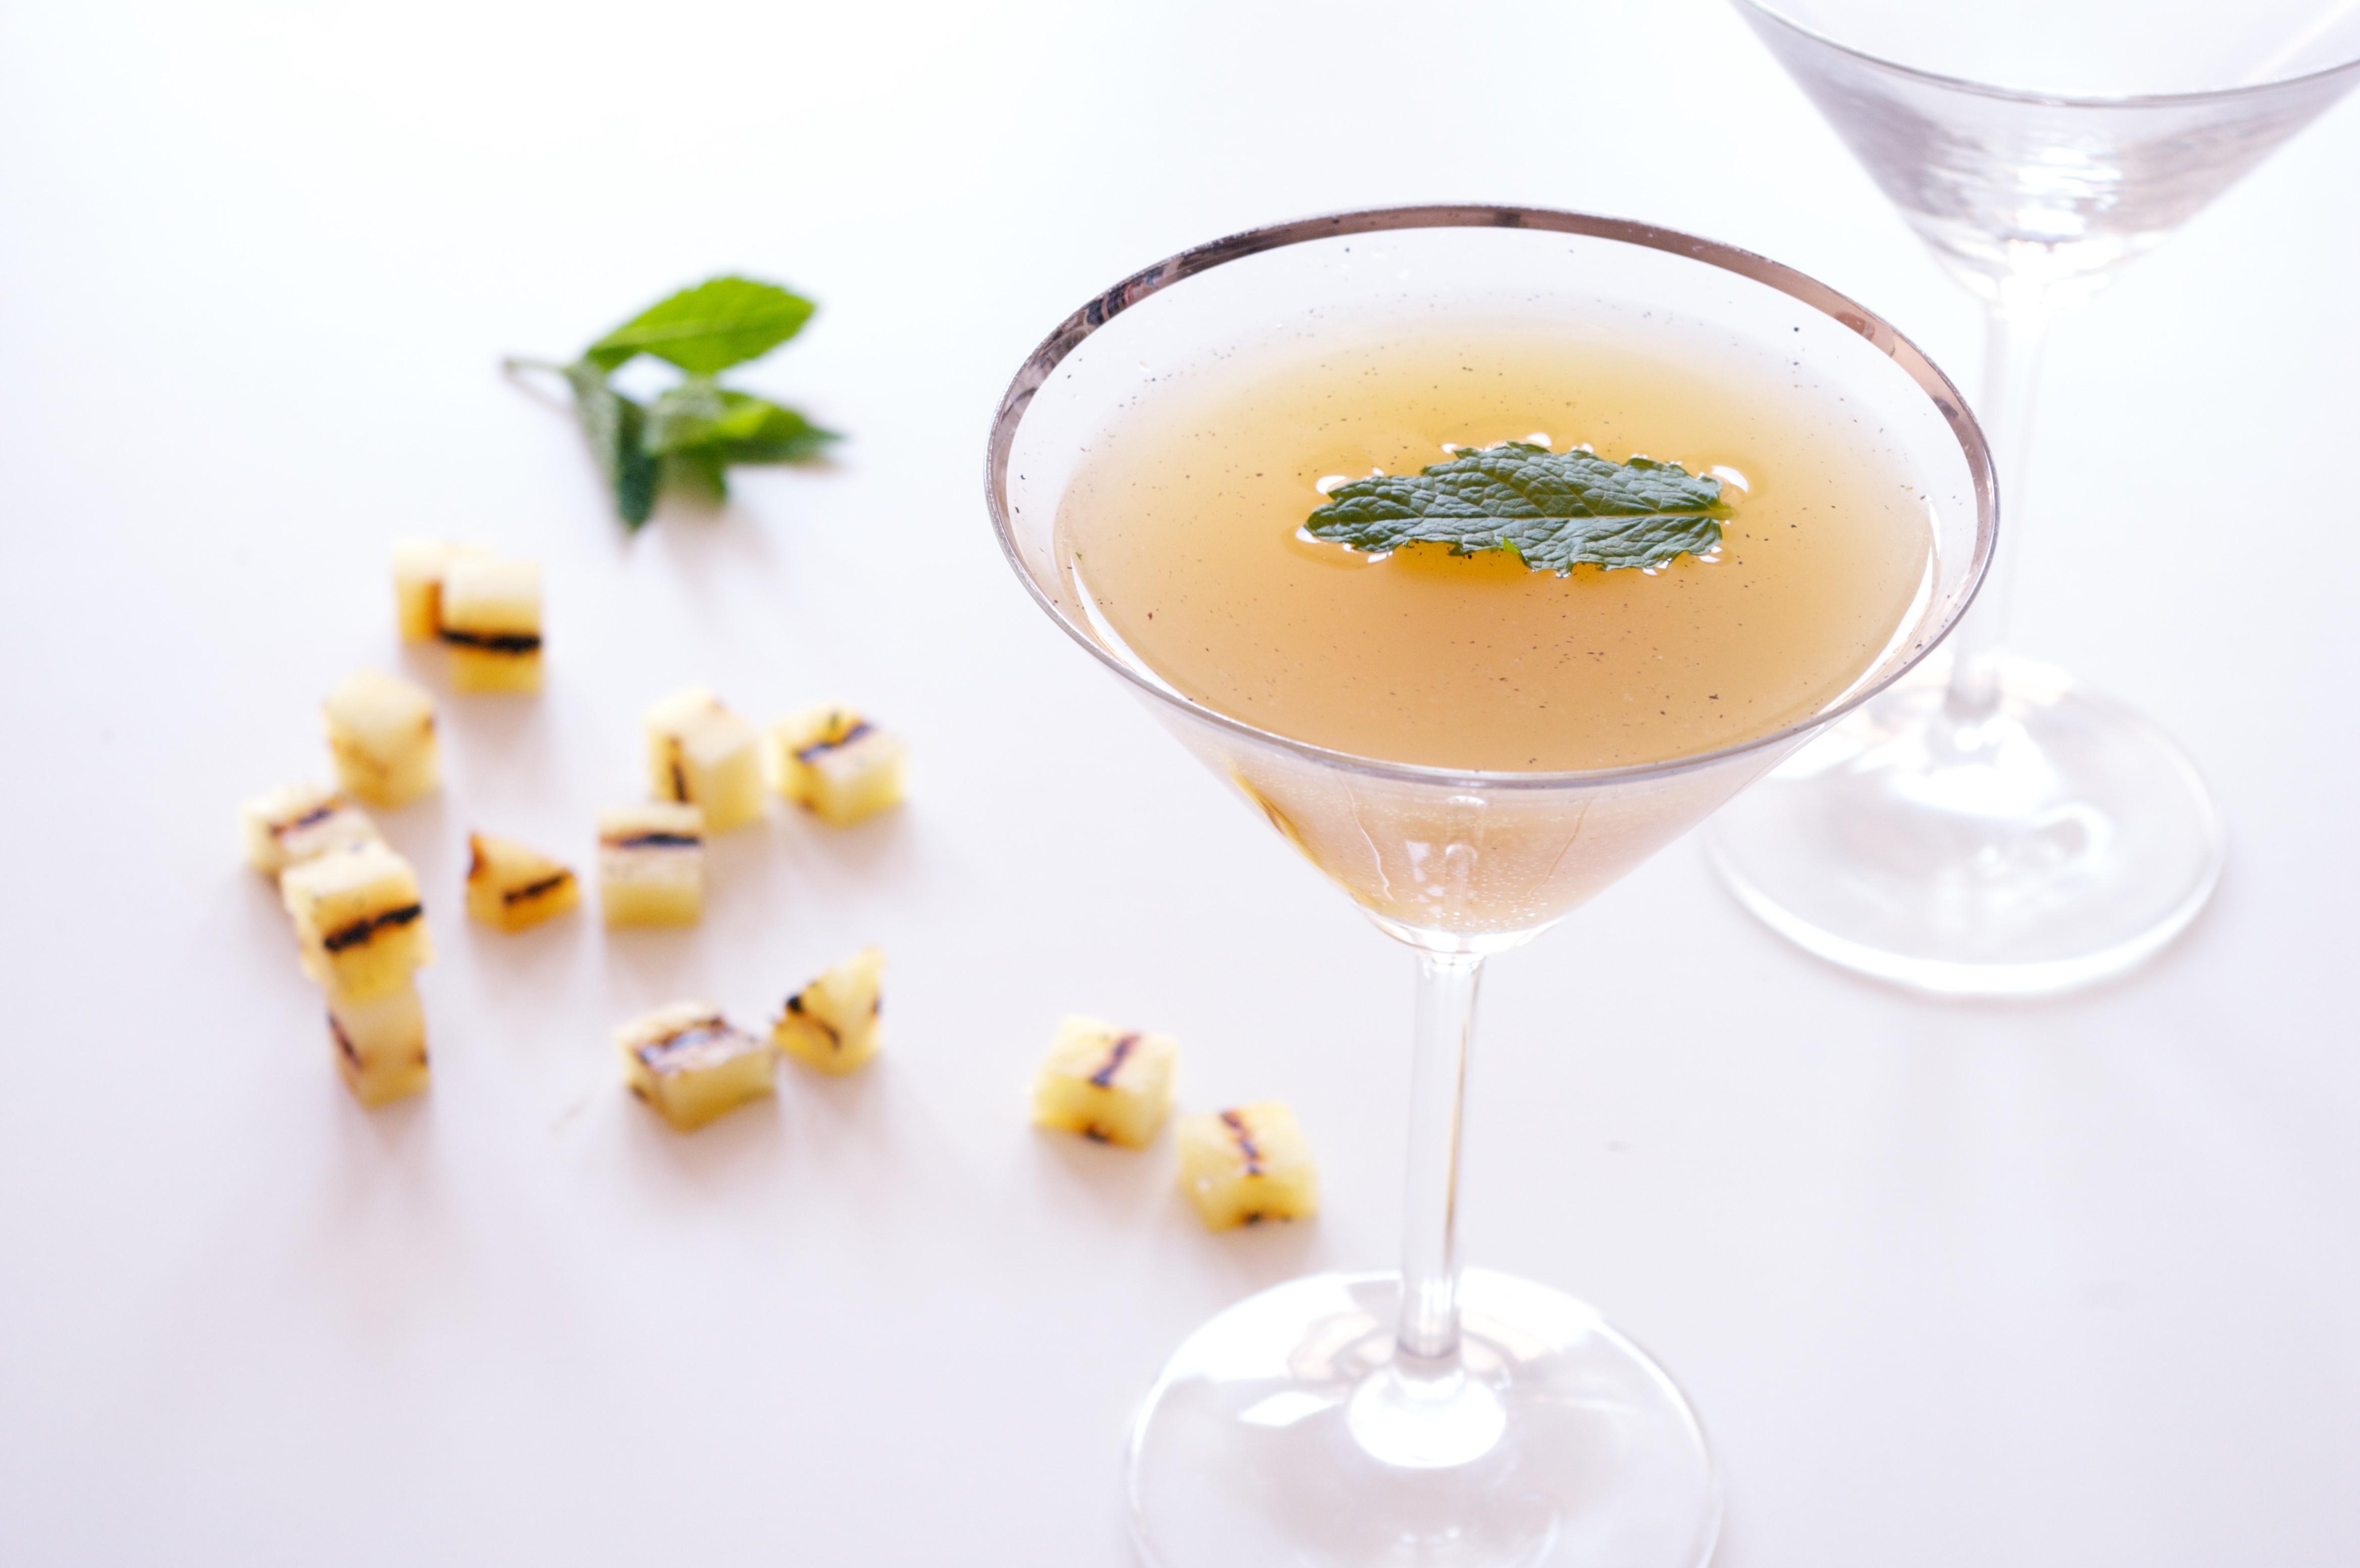 Côte des Blancs - Accueil des meilleurs vignobles du Grand Cru Chardonnay dans toute la Champagne.